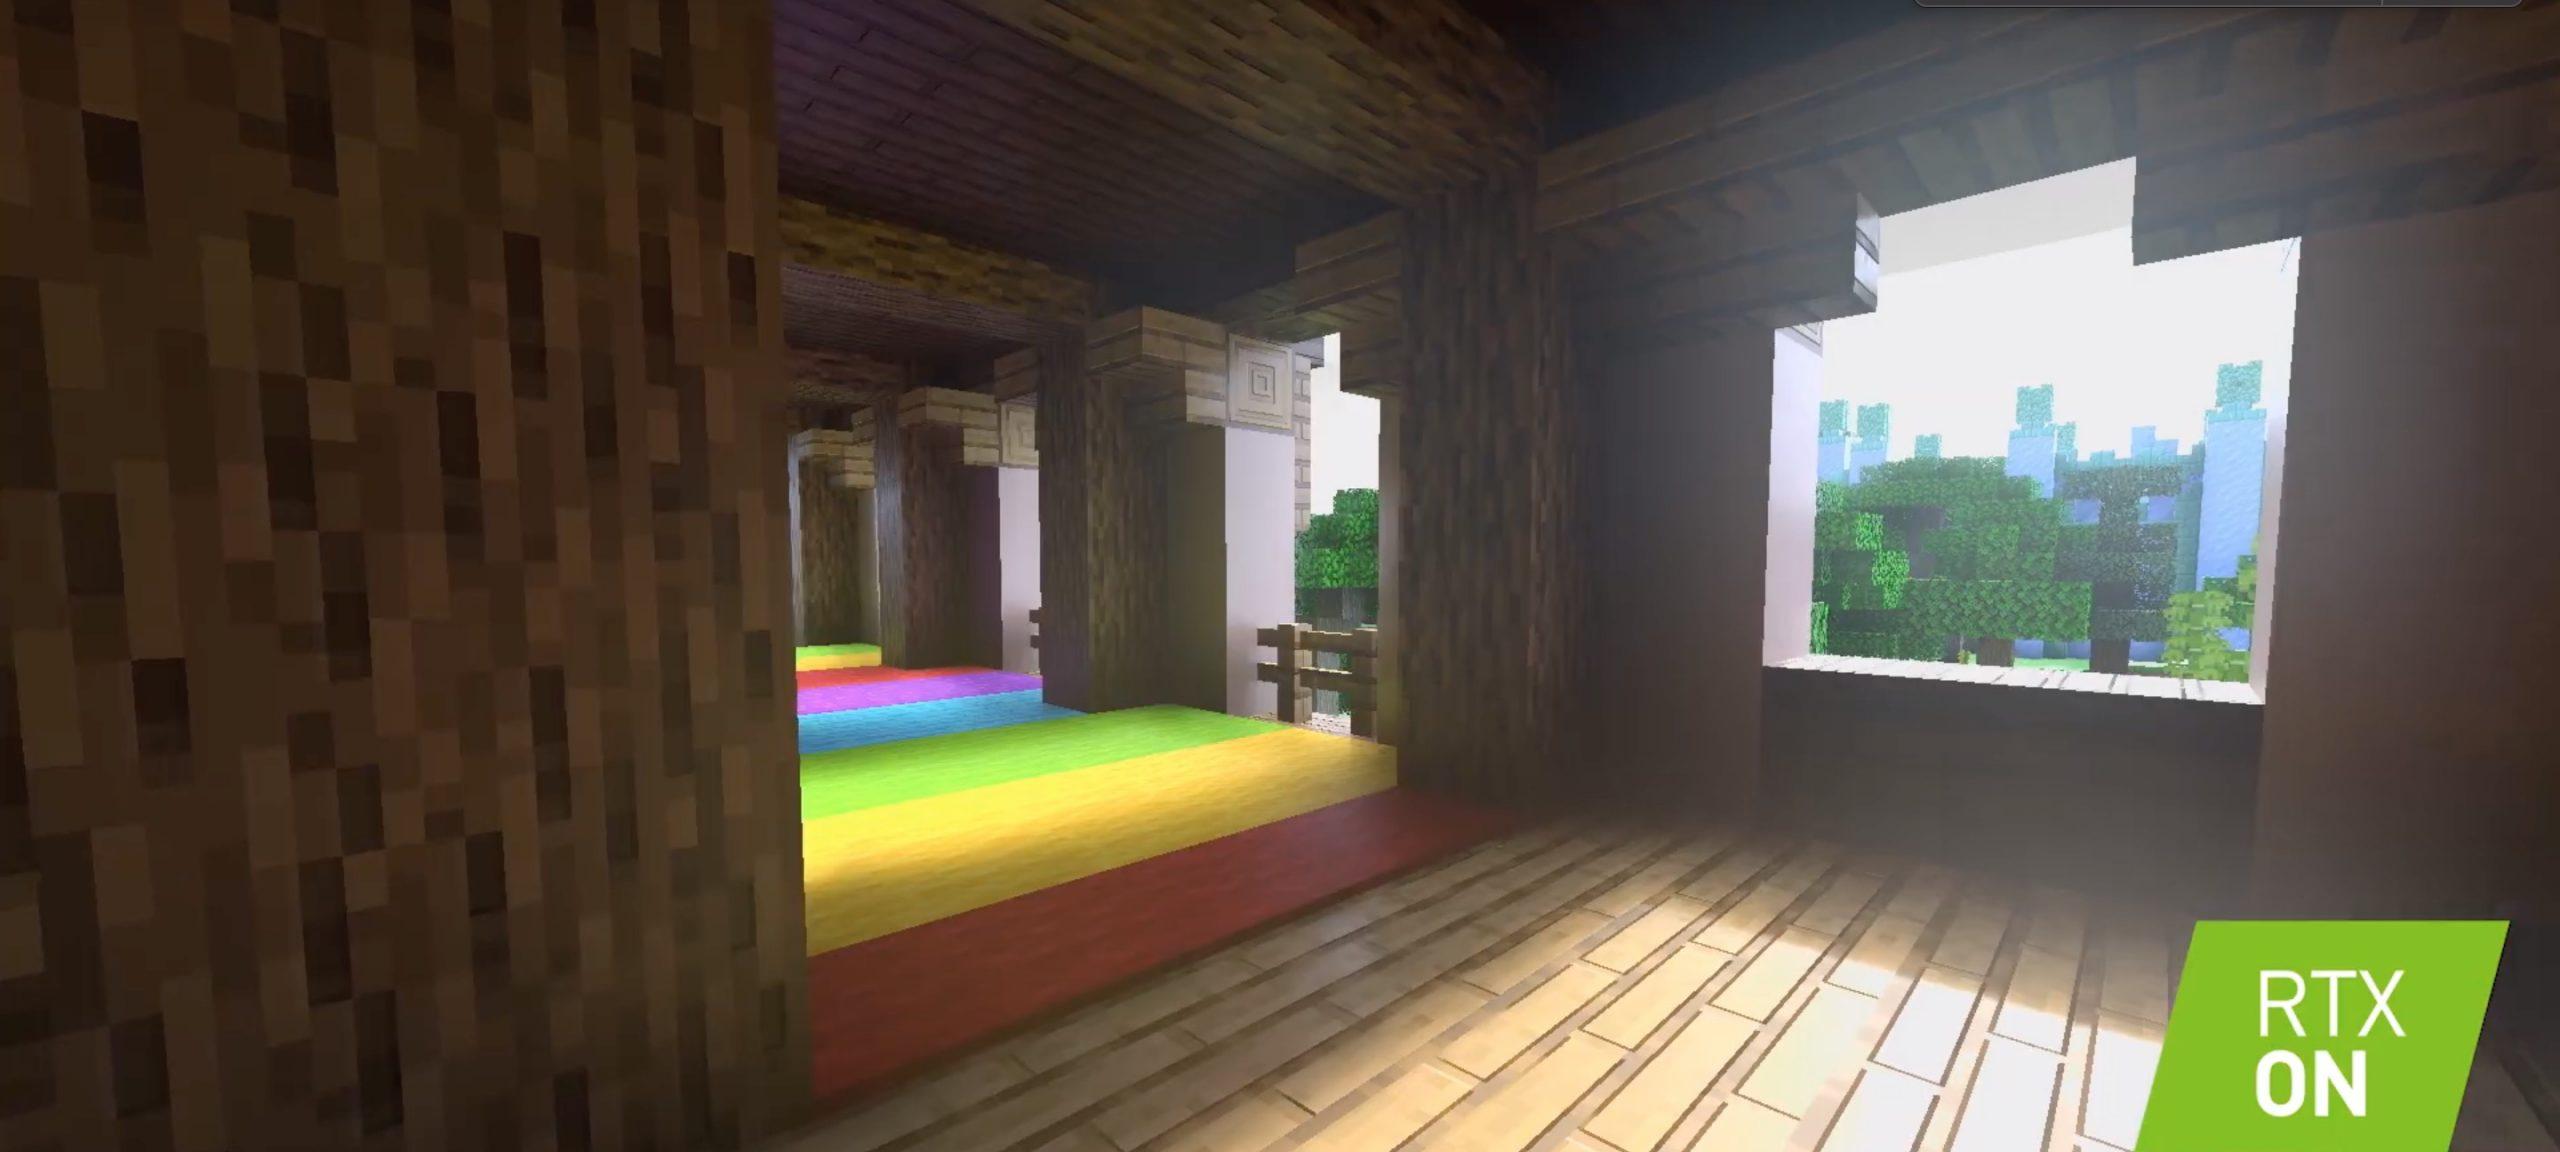 Minecraft-rekin izpi-trazadurarik gabeko aldea izugarria da.  Horrela ikusiko du Minecraft 2020tik aurrera.